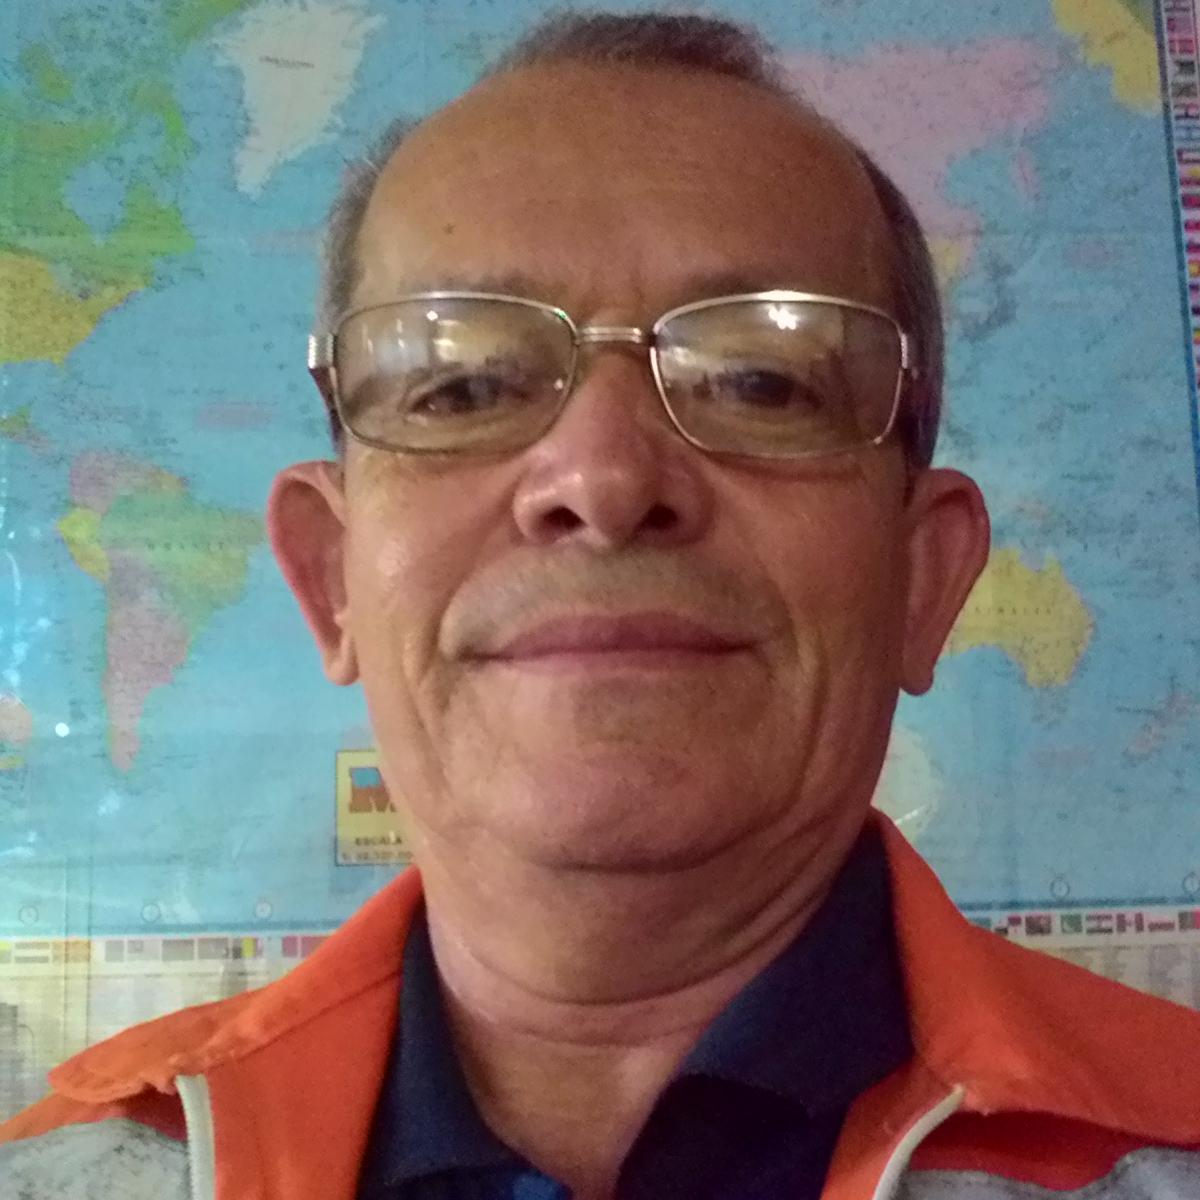 Antonio Carlos S. de Lima